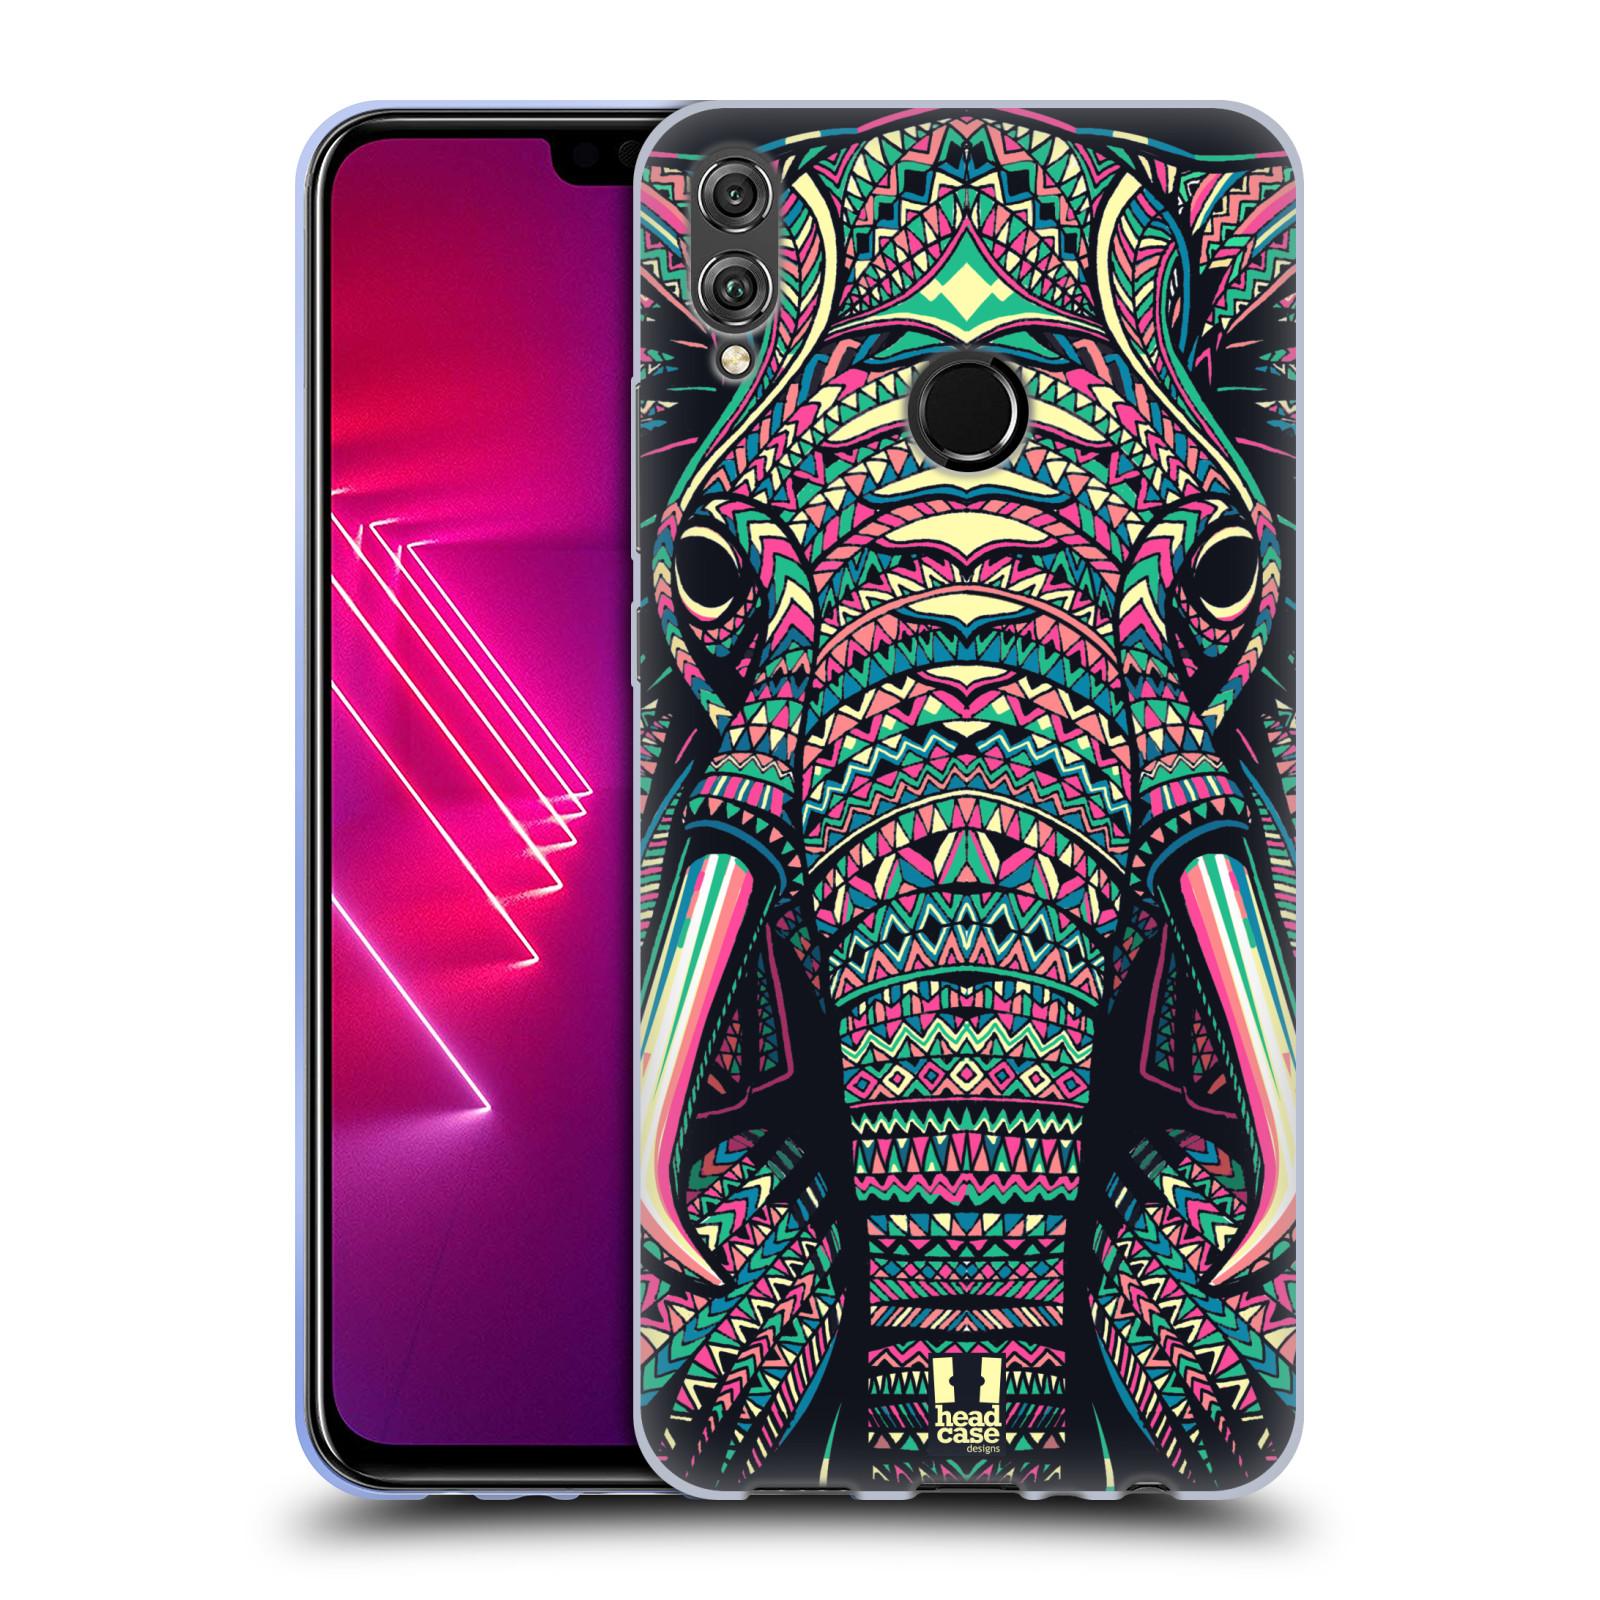 Silikonové pouzdro na mobil Honor View 10 Lite - Head Case - AZTEC SLON